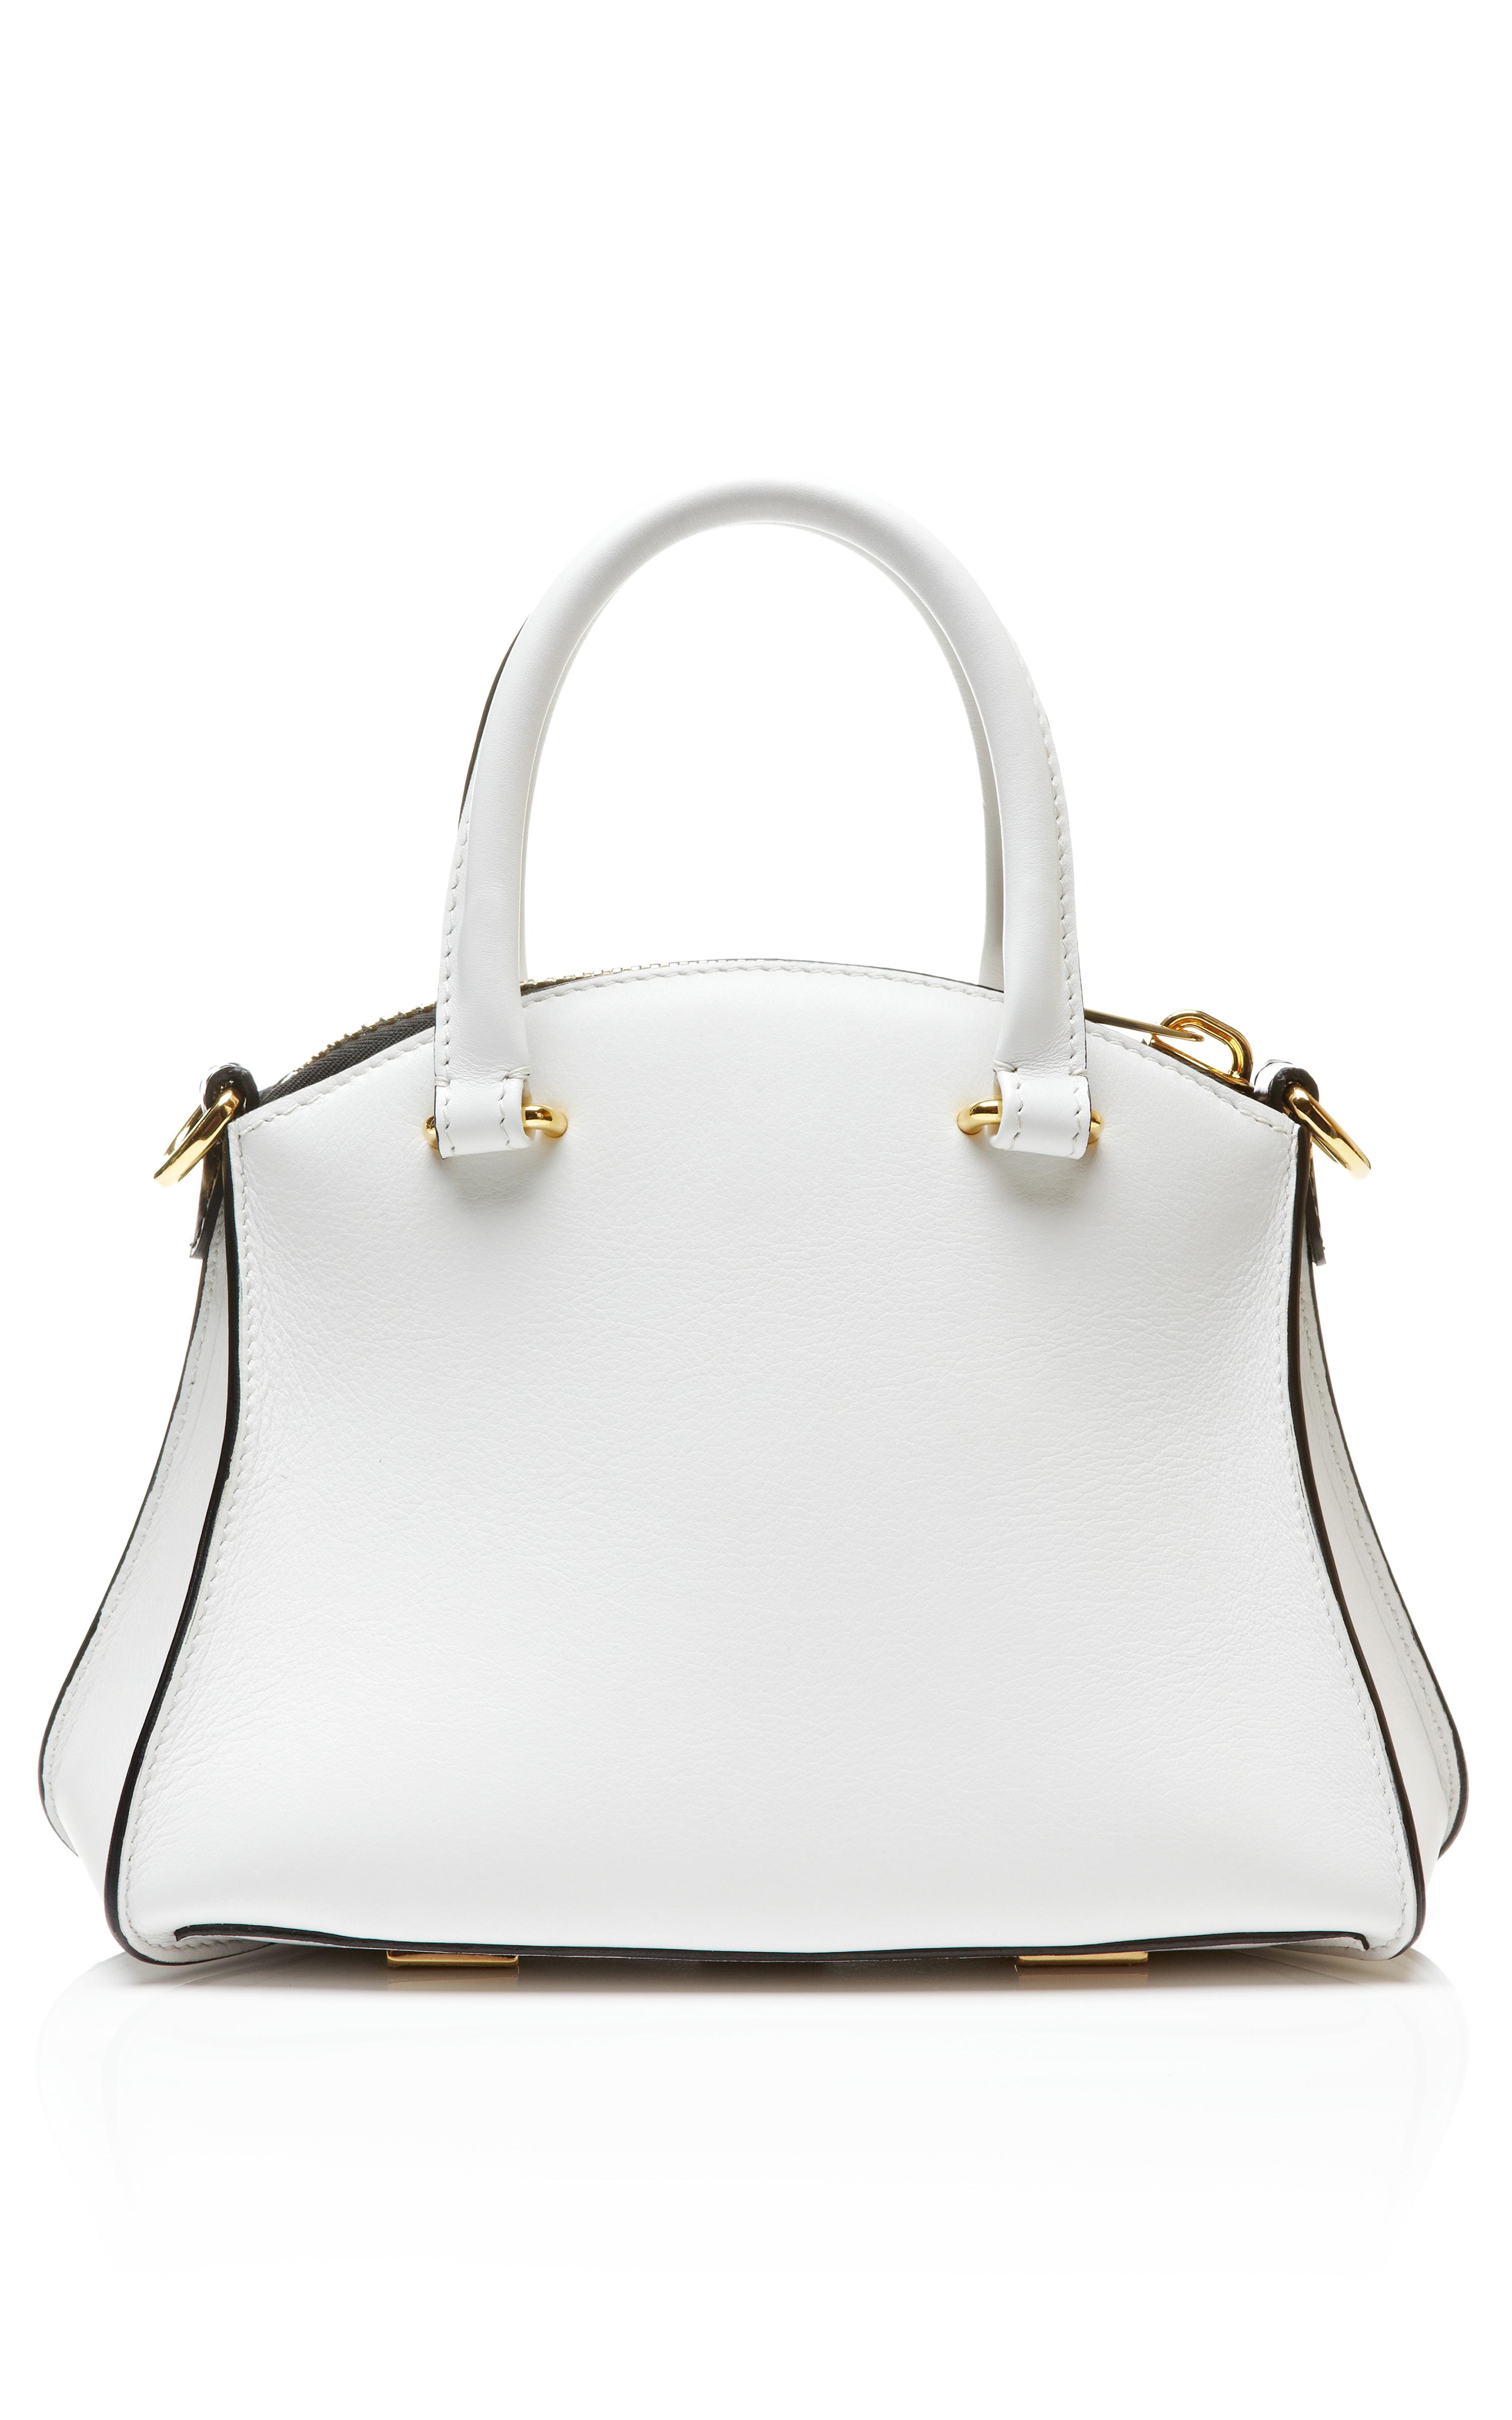 Vbh Trevi Handbag in Calla in White